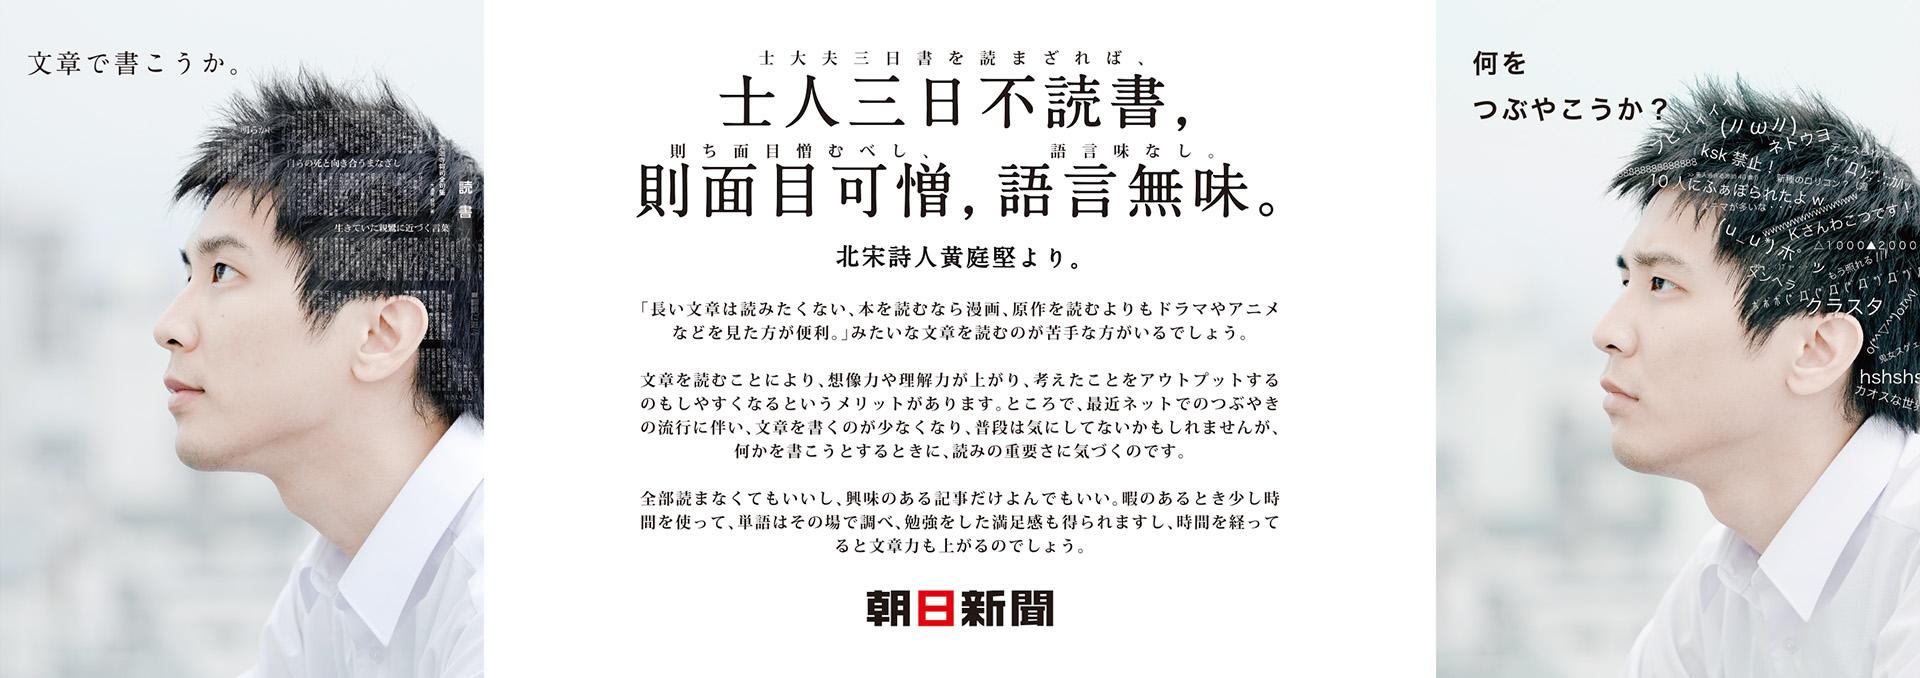 朝日新聞形象電車內廣告競賽